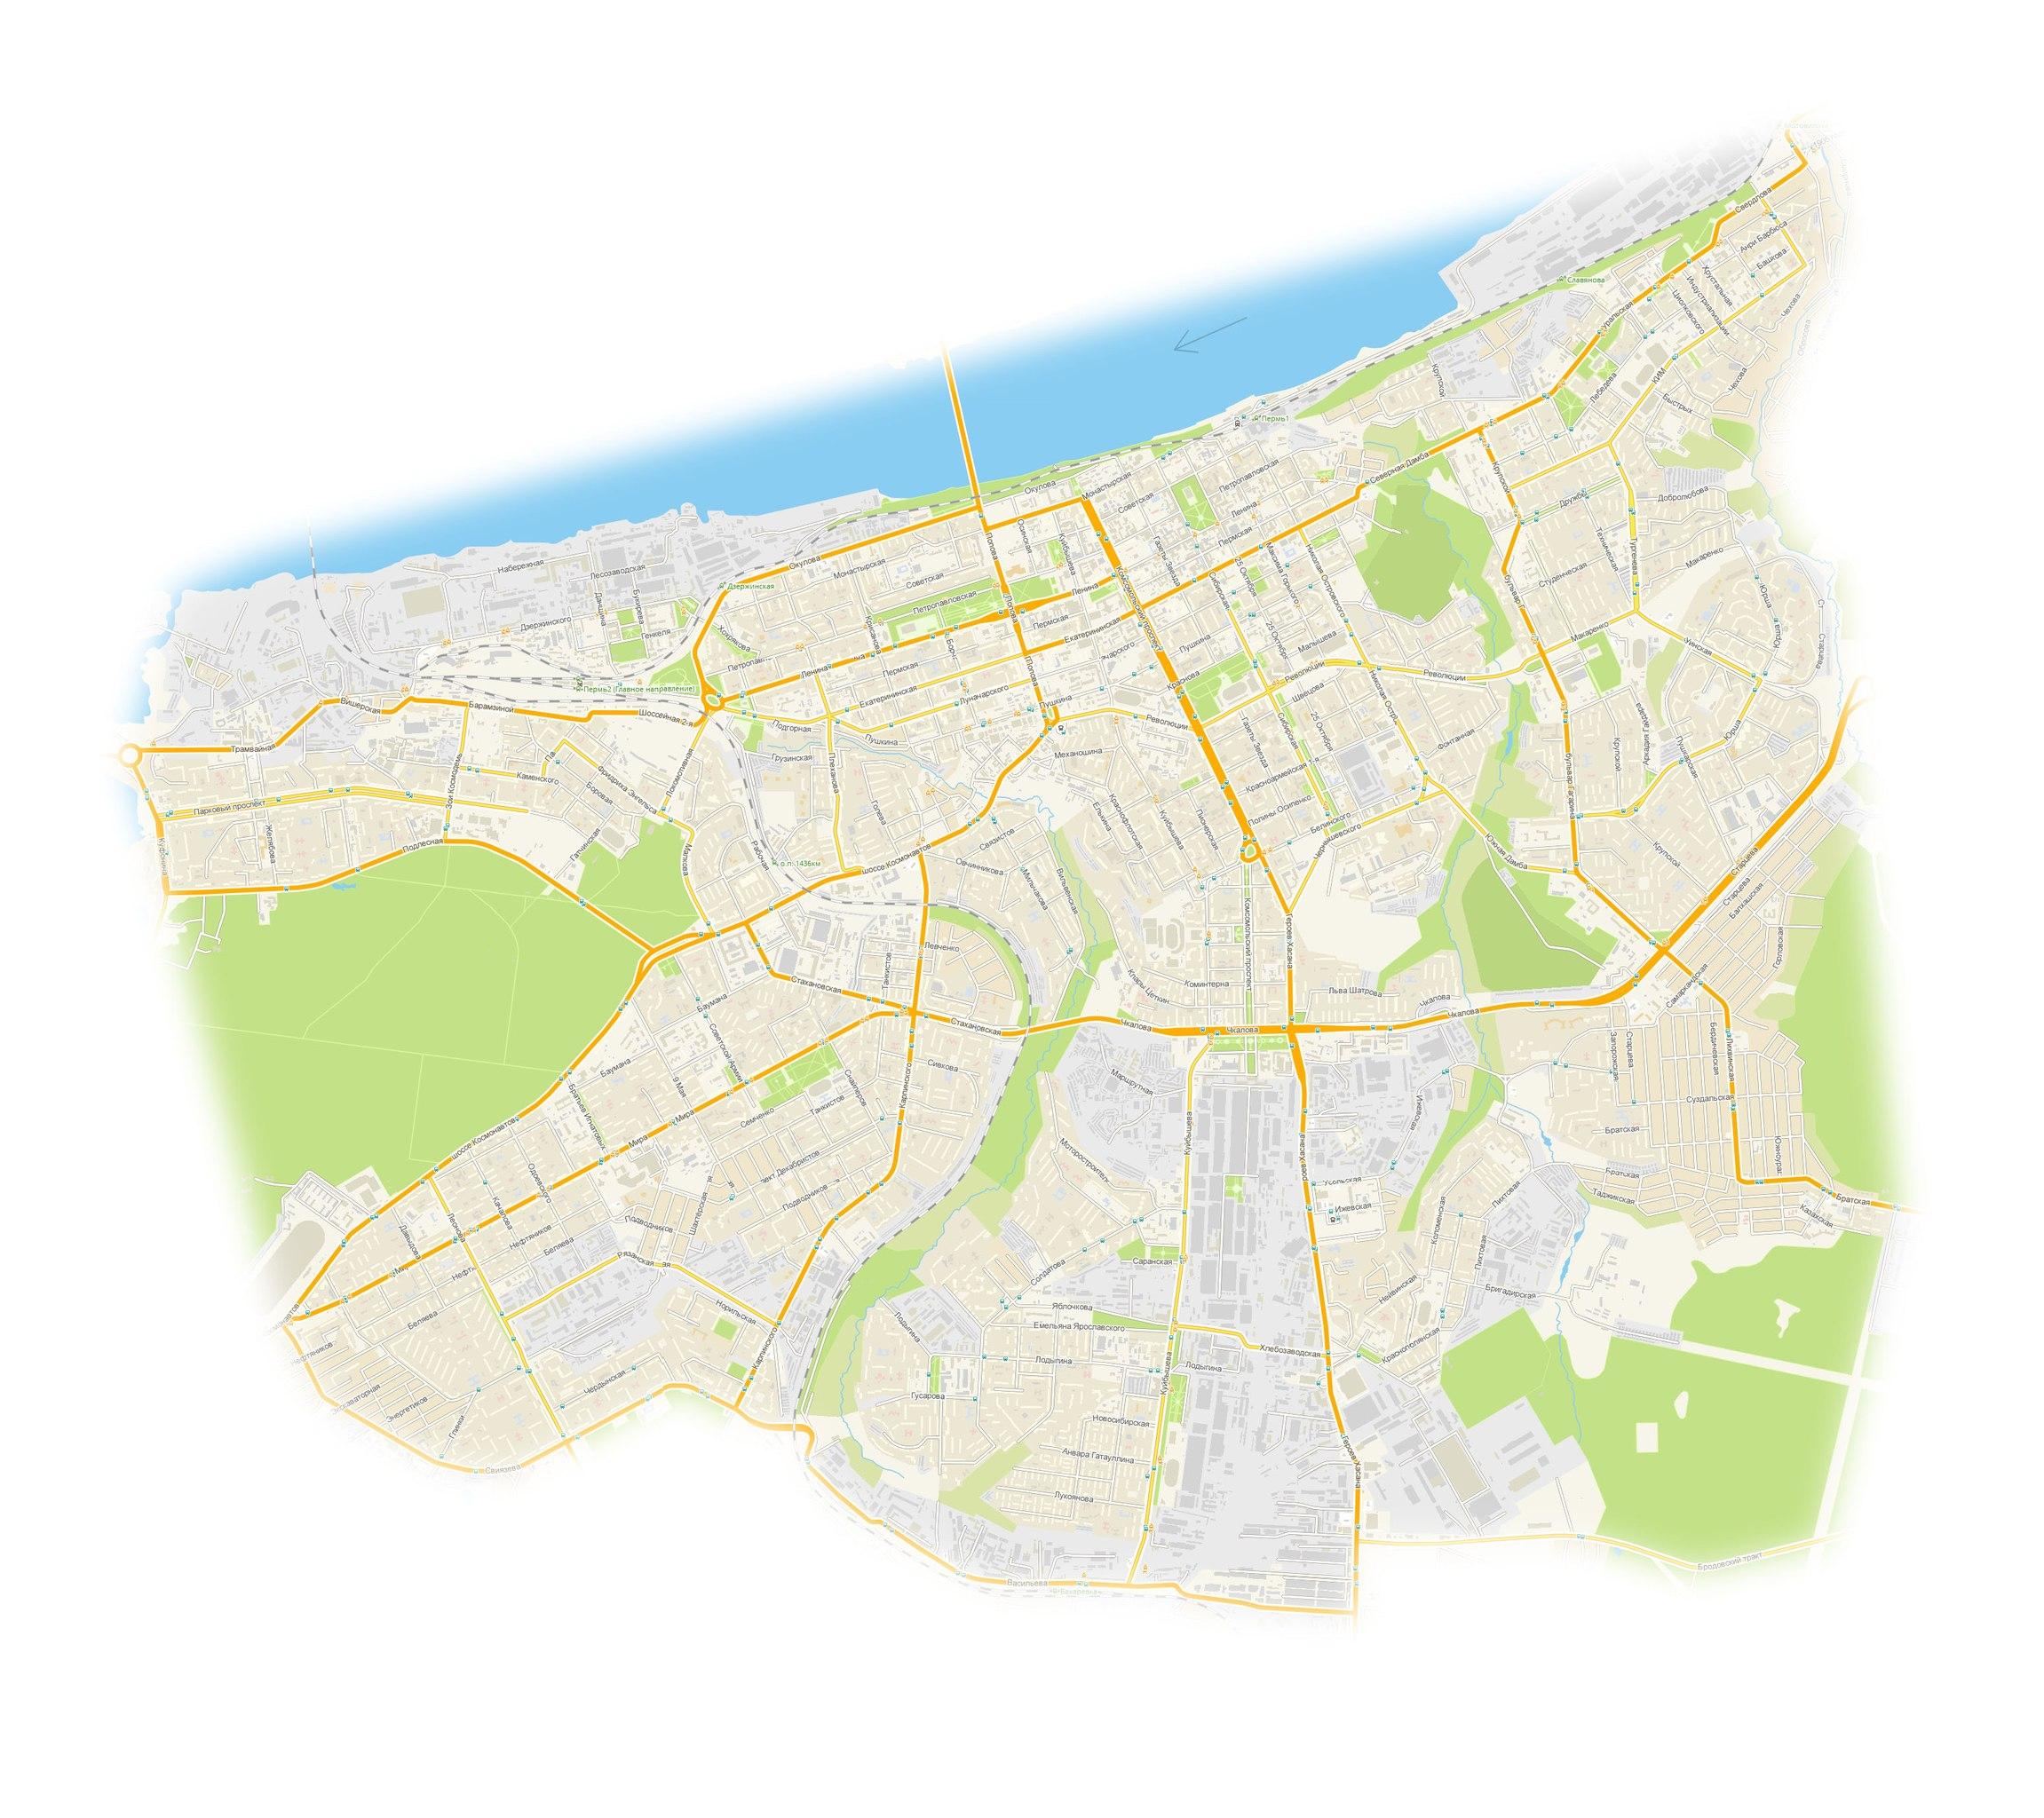 границы центральных районов с доставкой 200 руб.